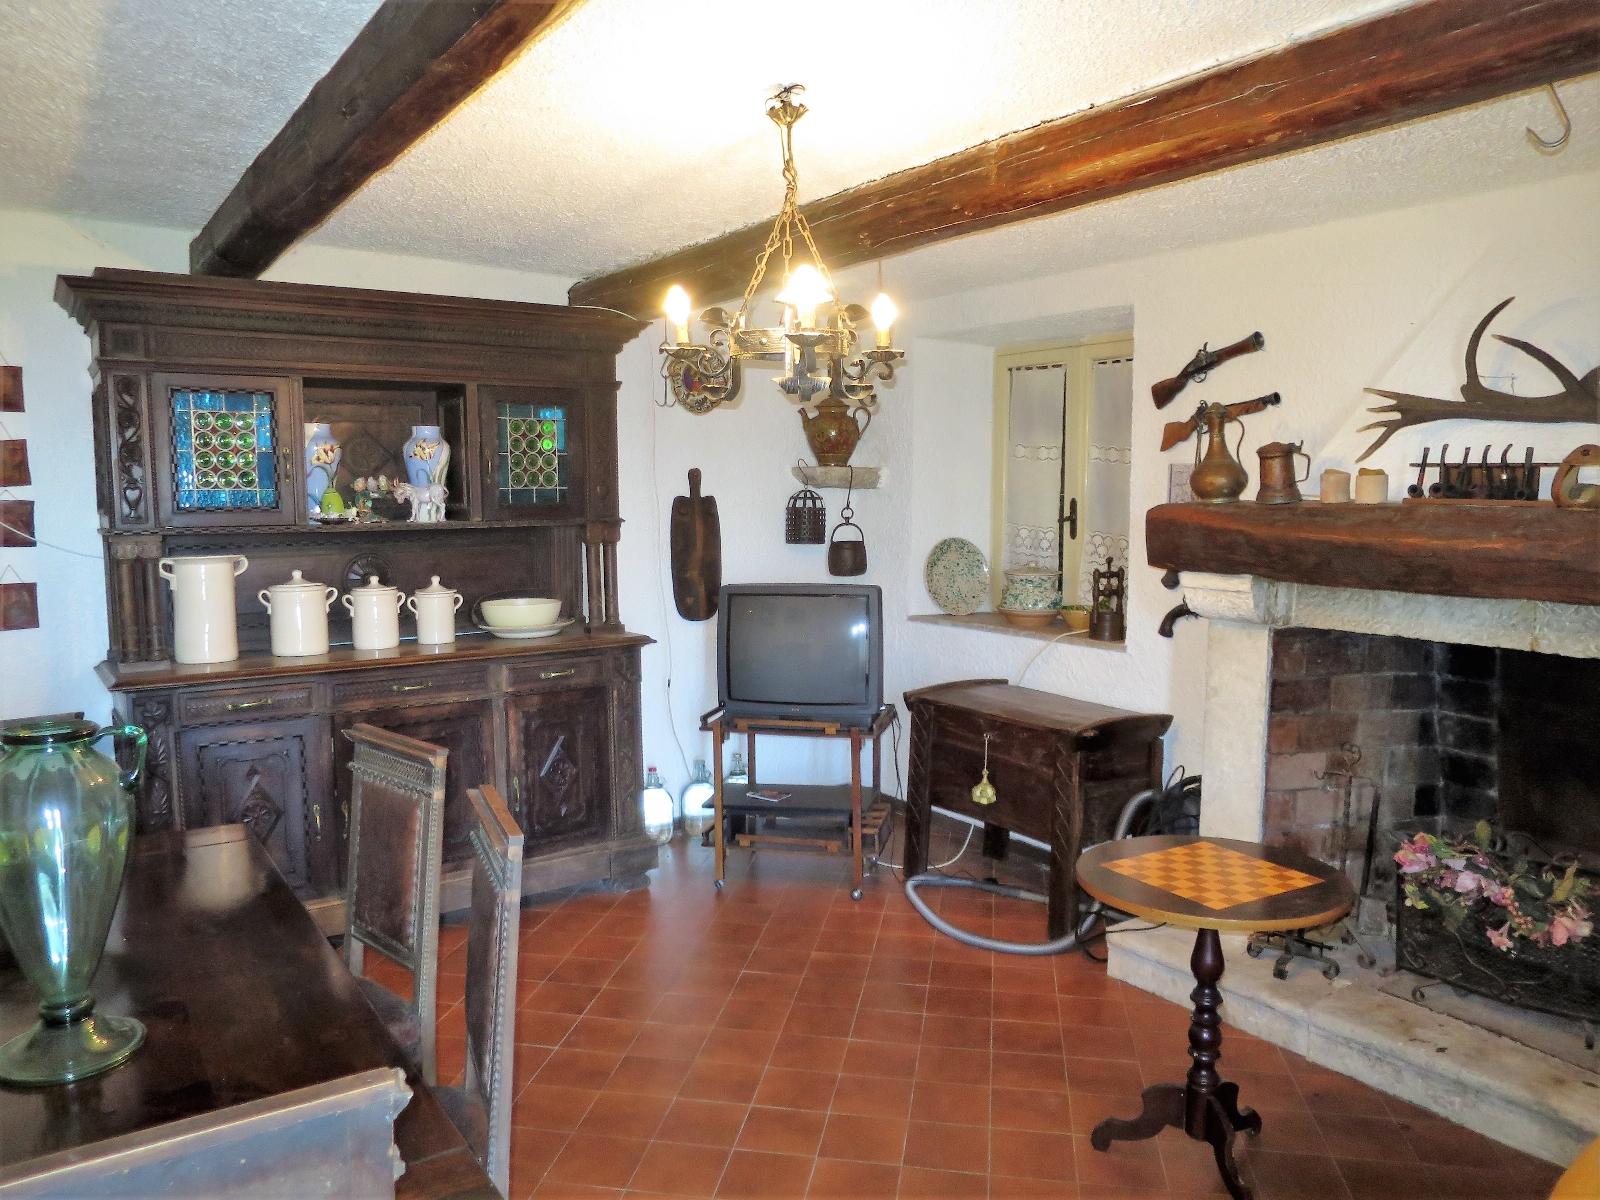 Country Houses Country Houses for sale Montebello di Bertona (PE), Casa Parco - Montebello di Bertona - EUR 195.521 440